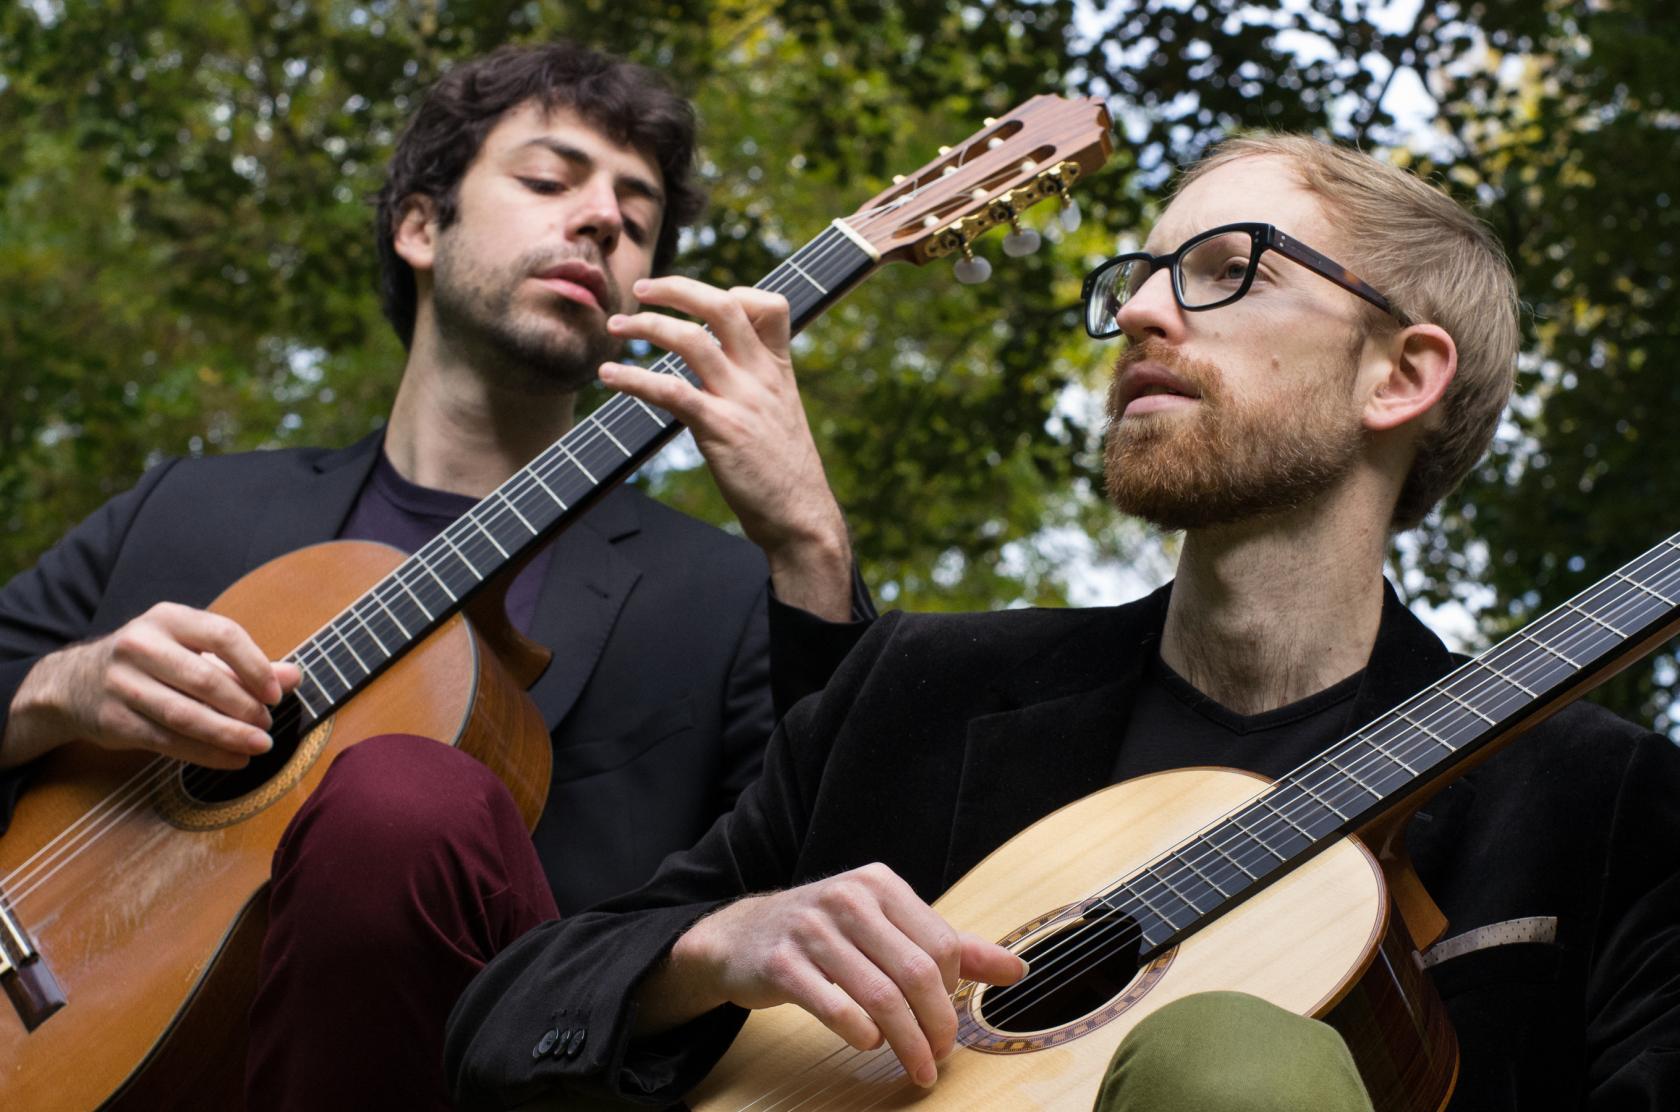 CONCERT DUO SOLARIS FLORIAN LAROUSSE & JEREMY PERET QUIMPERLE